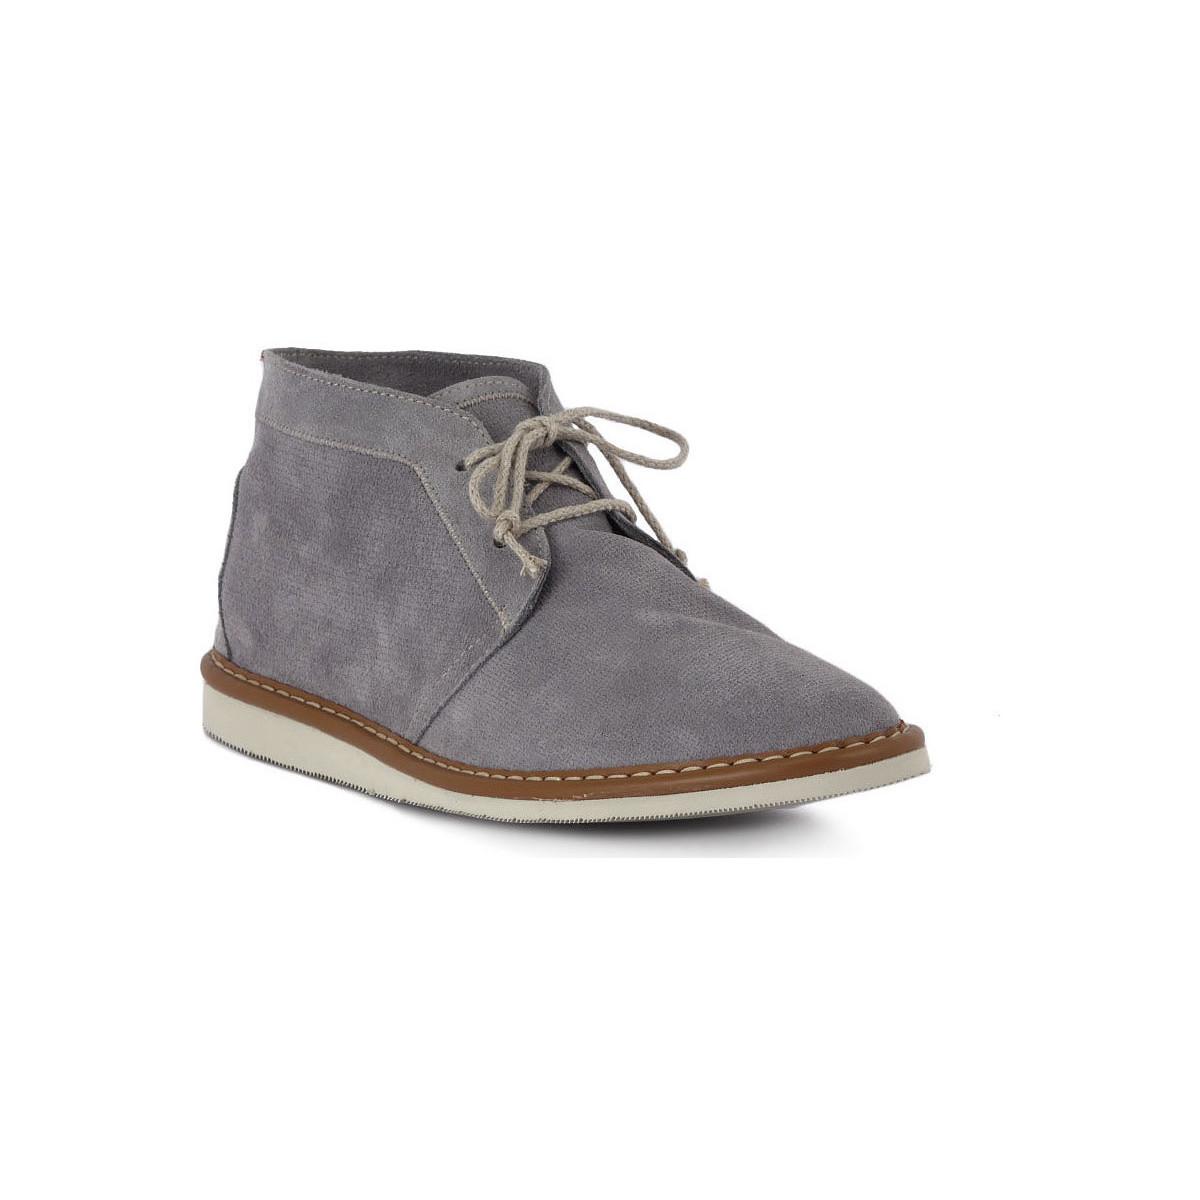 Café Noir CAFE NOIR POLACCO Grigio - Schuhe Boots Herren 88,00 €